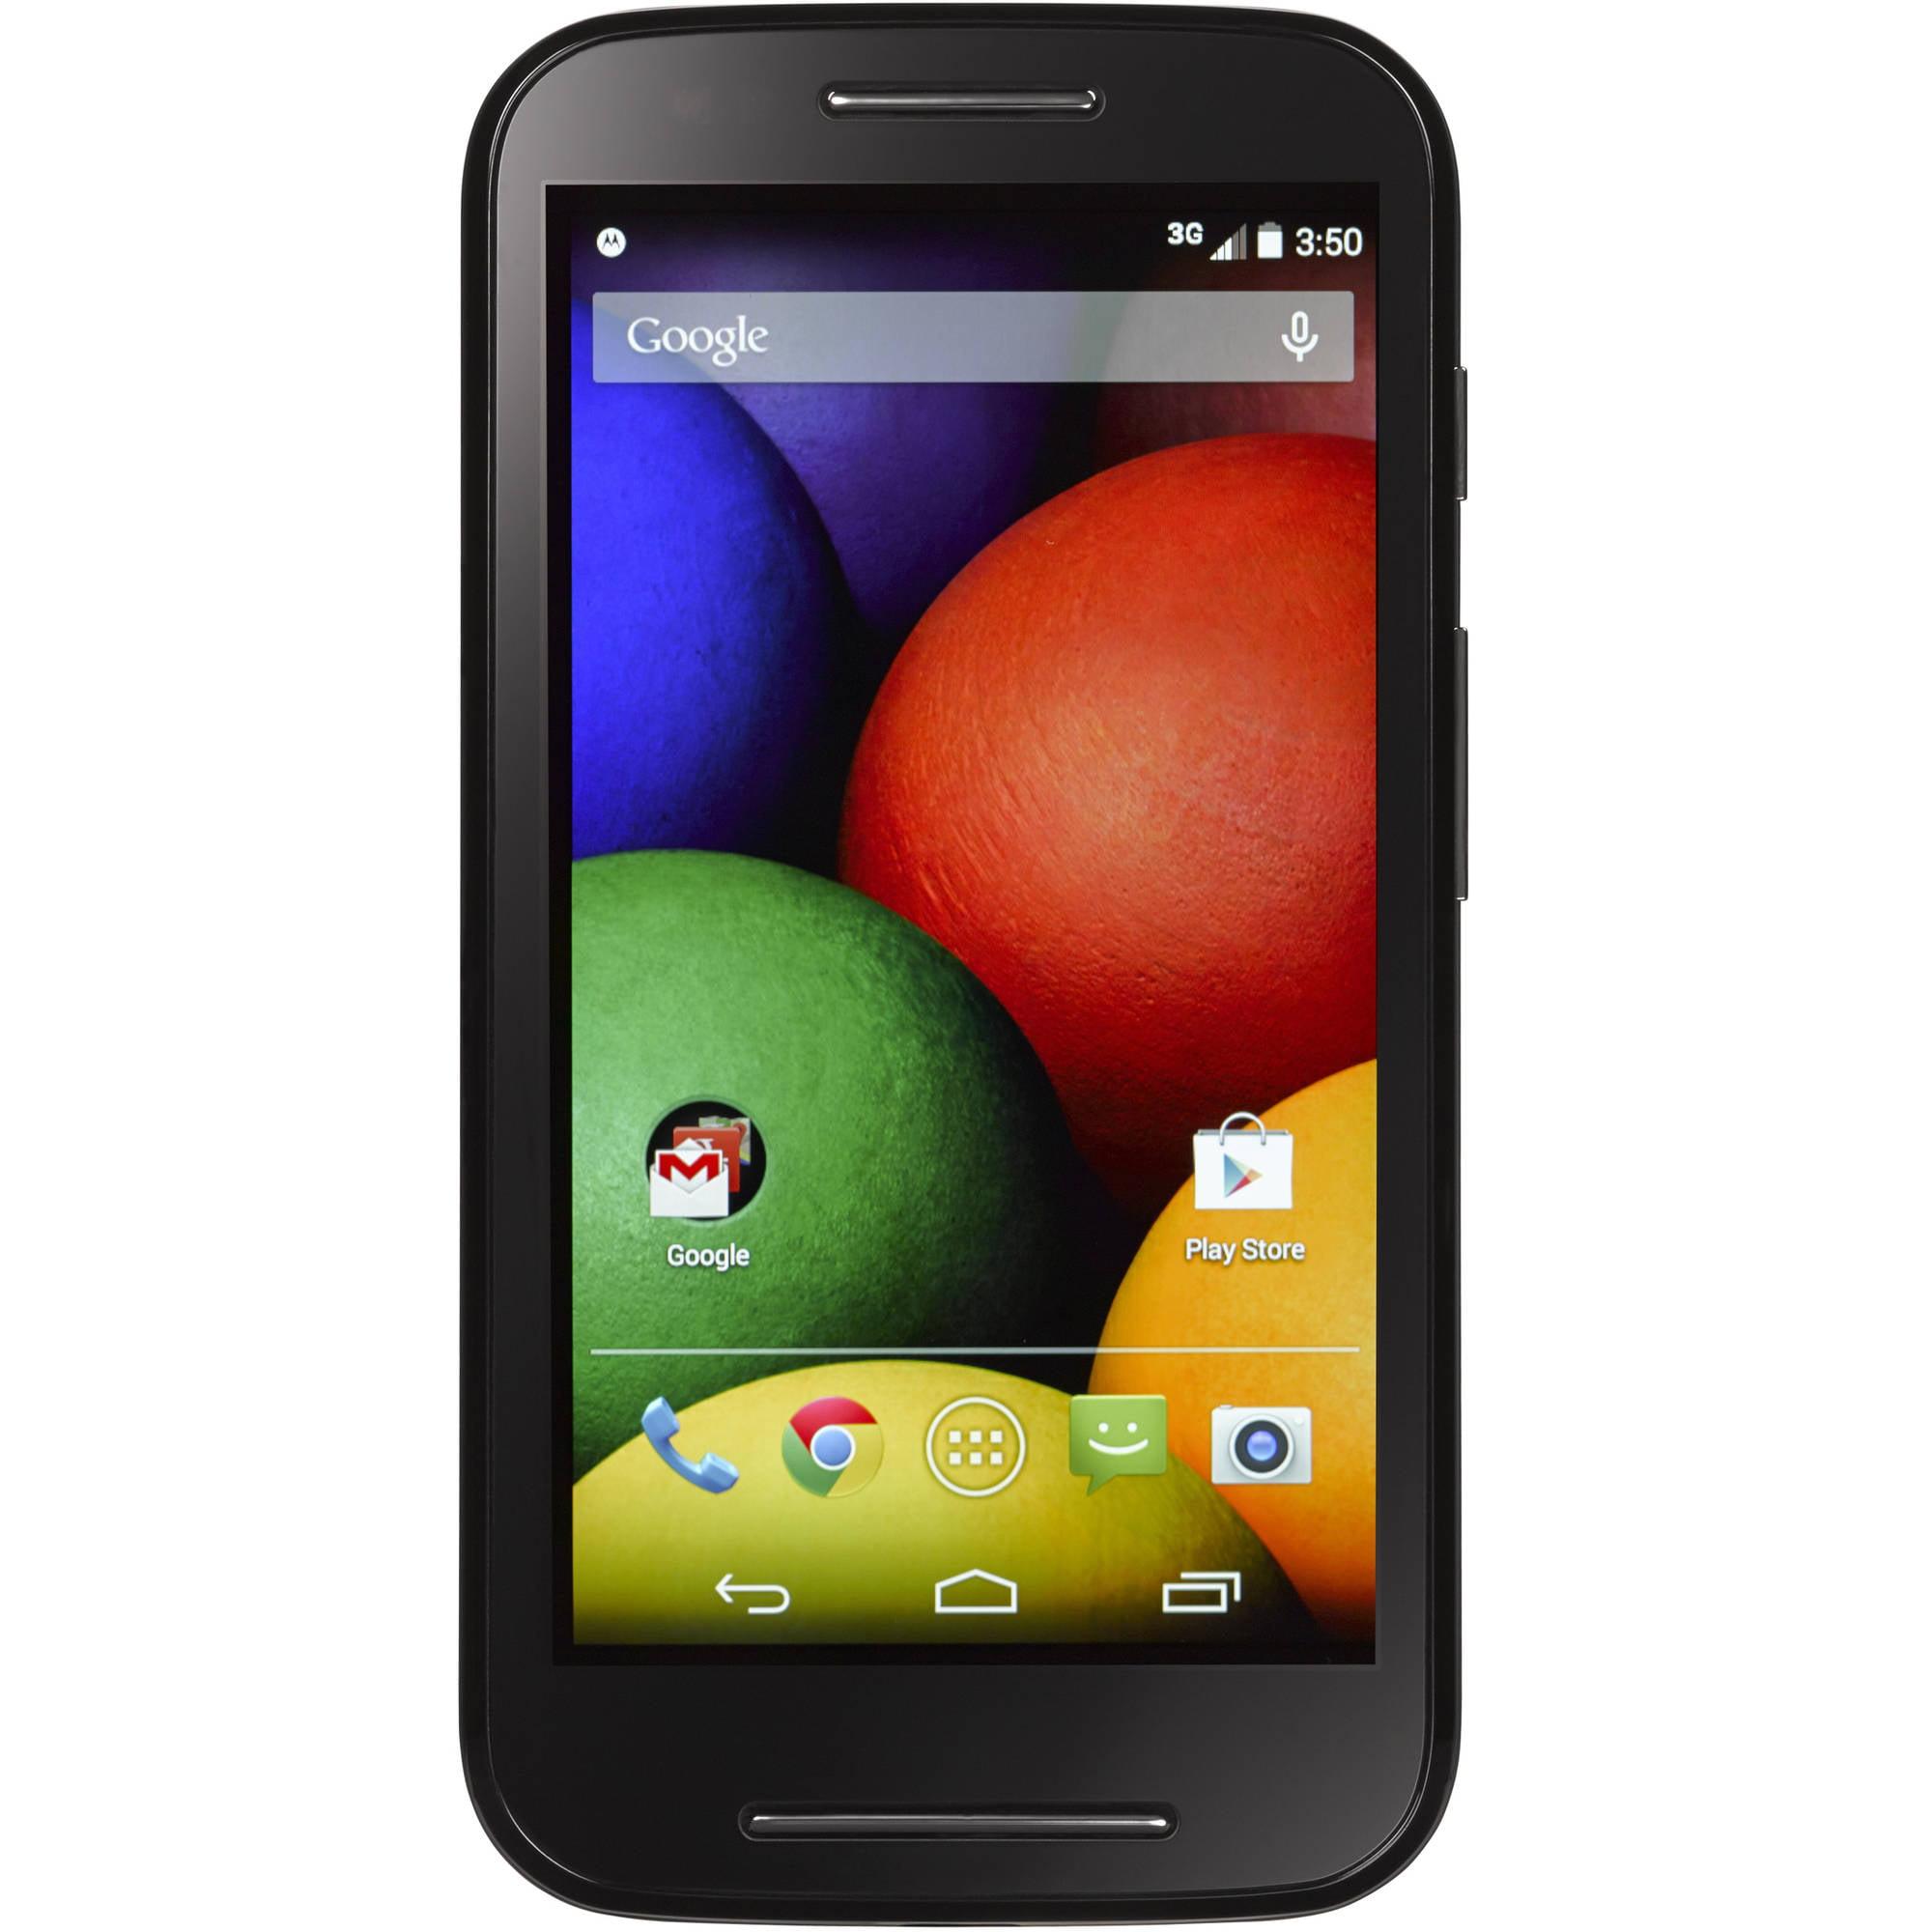 Tracfone Motorola E 3G Android Prepaid Smartphone